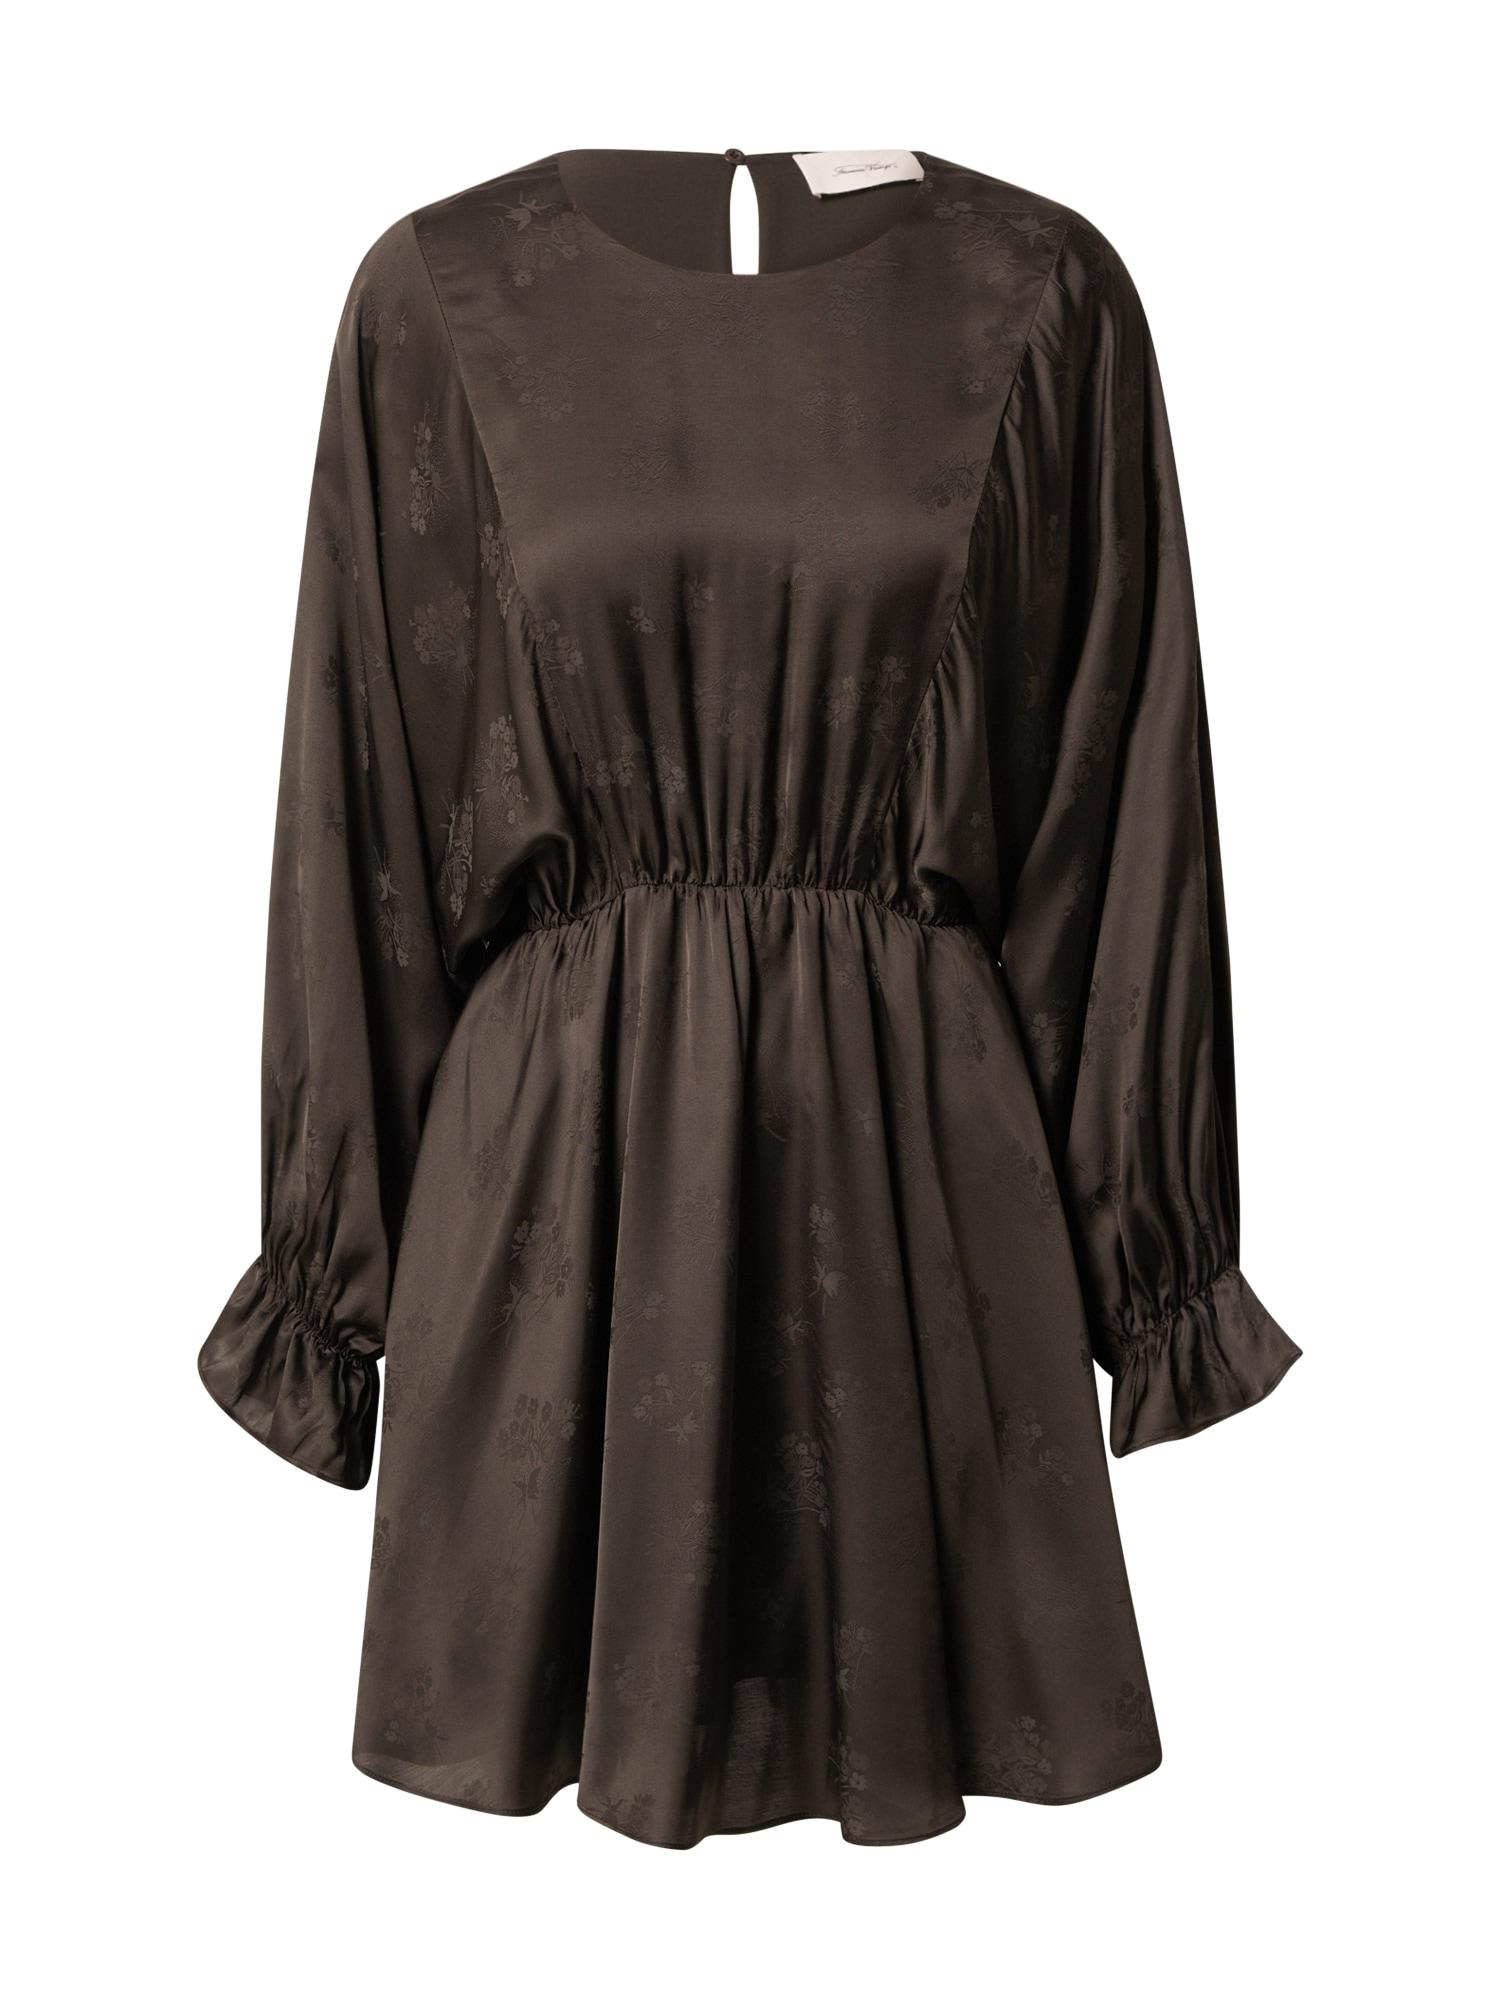 AMERICAN VINTAGE Suknelė tamsiai ruda